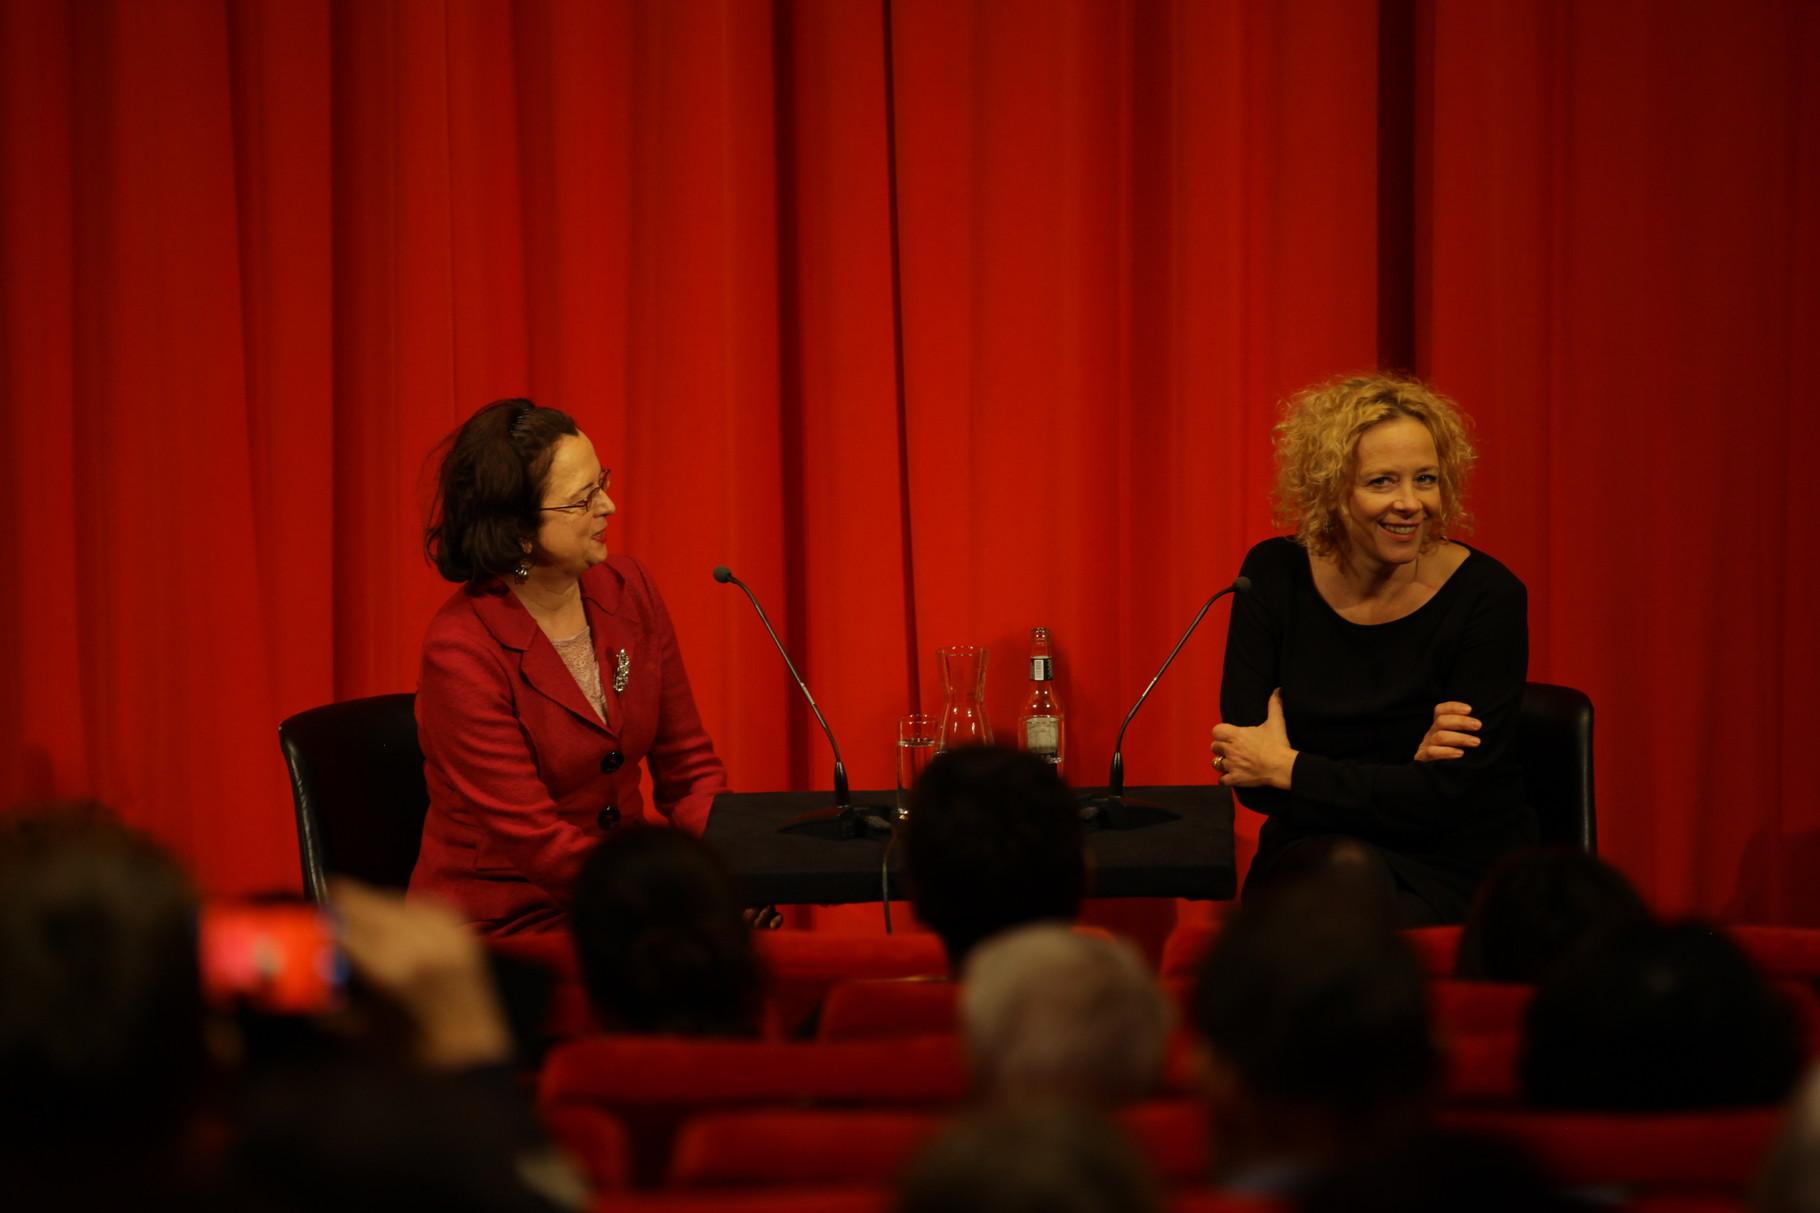 Ein Abend mit Katja Riemann im Deutschen Filmmuseum (26.11.2015) Foto: DIF/Sophie Schüler